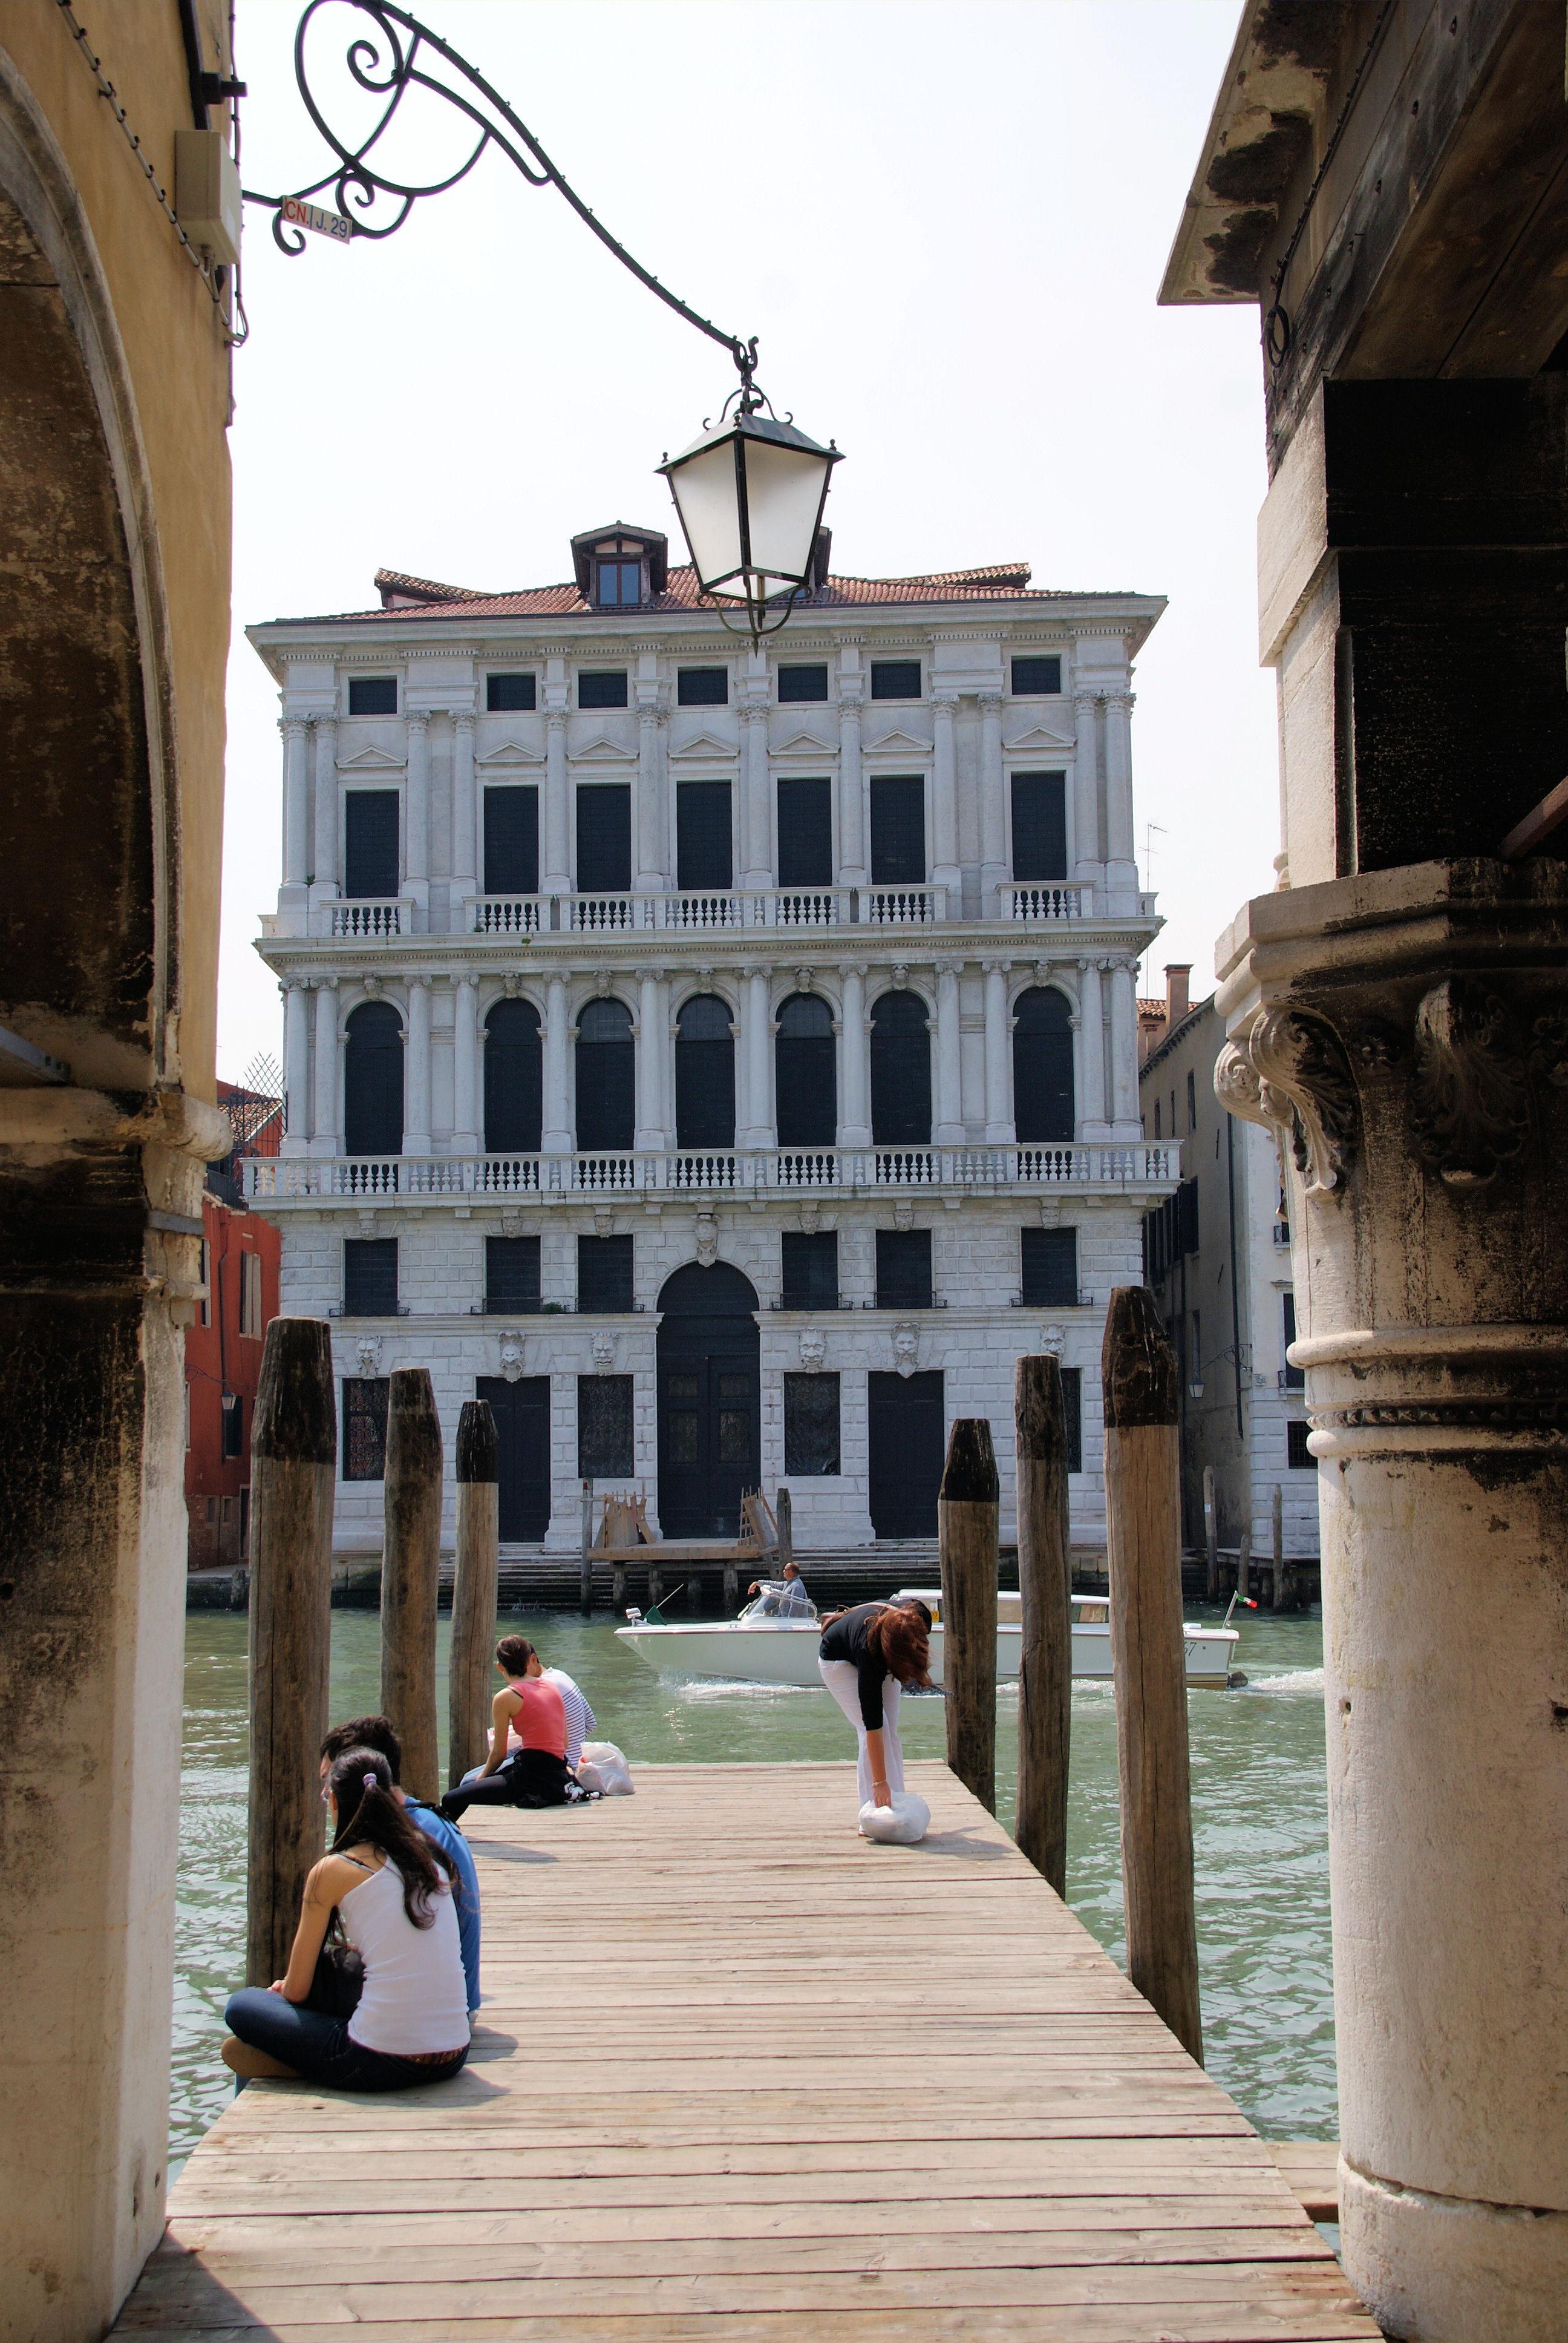 Ca Corner Della Regina.File Ca Corner Della Regina Jpg Wikimedia Commons